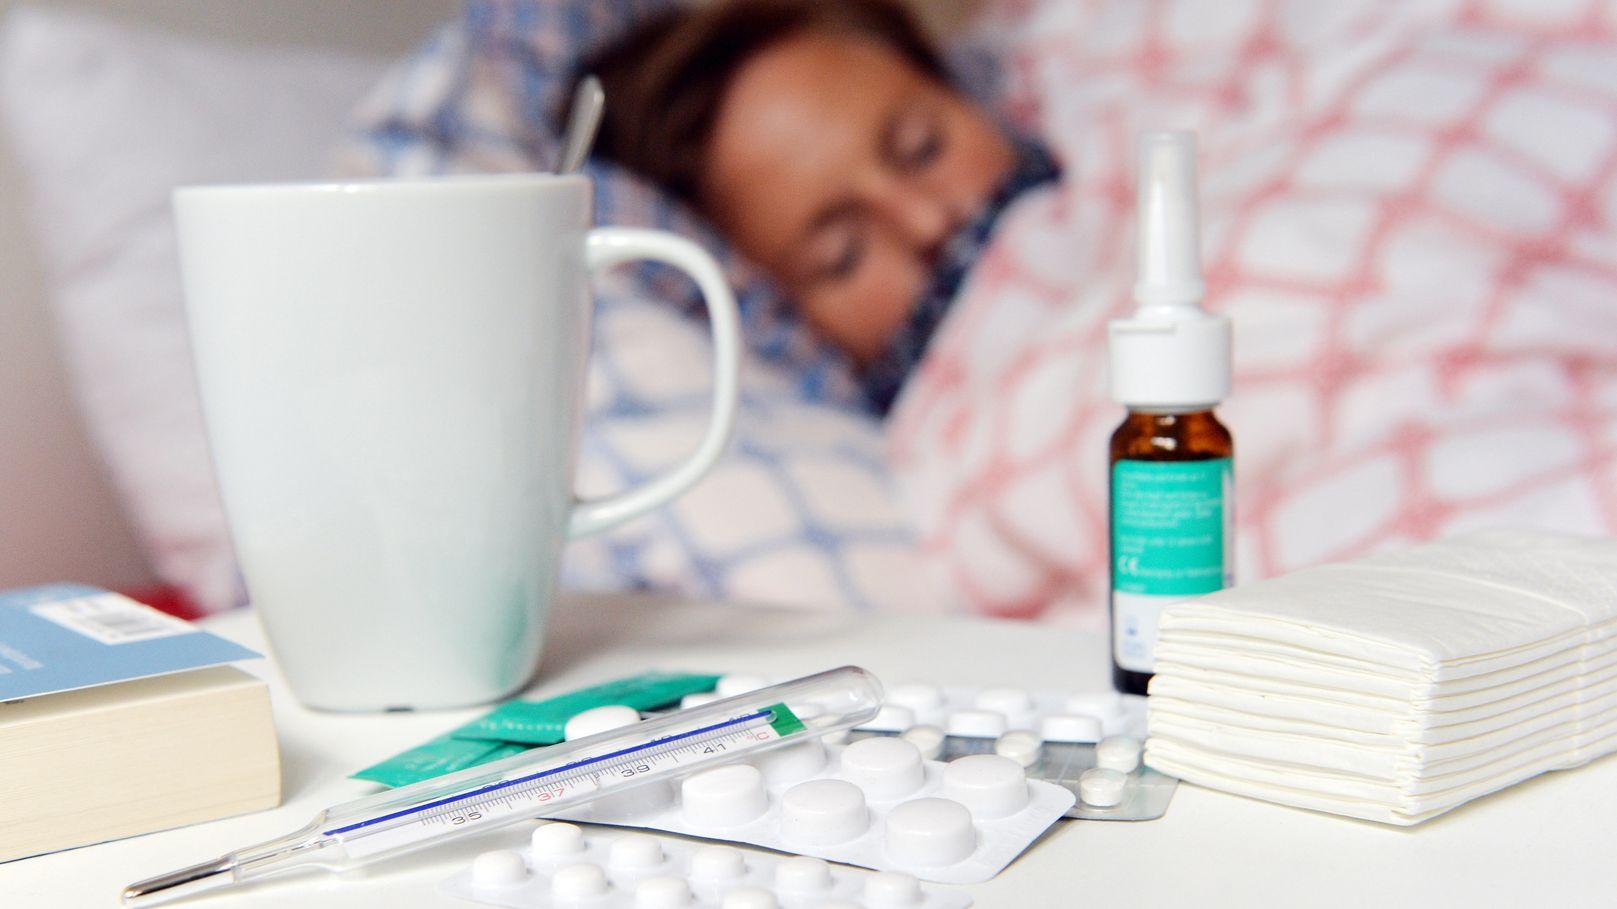 Frau im Bett, davor Medikamente und ein Fieberthermometer auf einem Nachttisch.